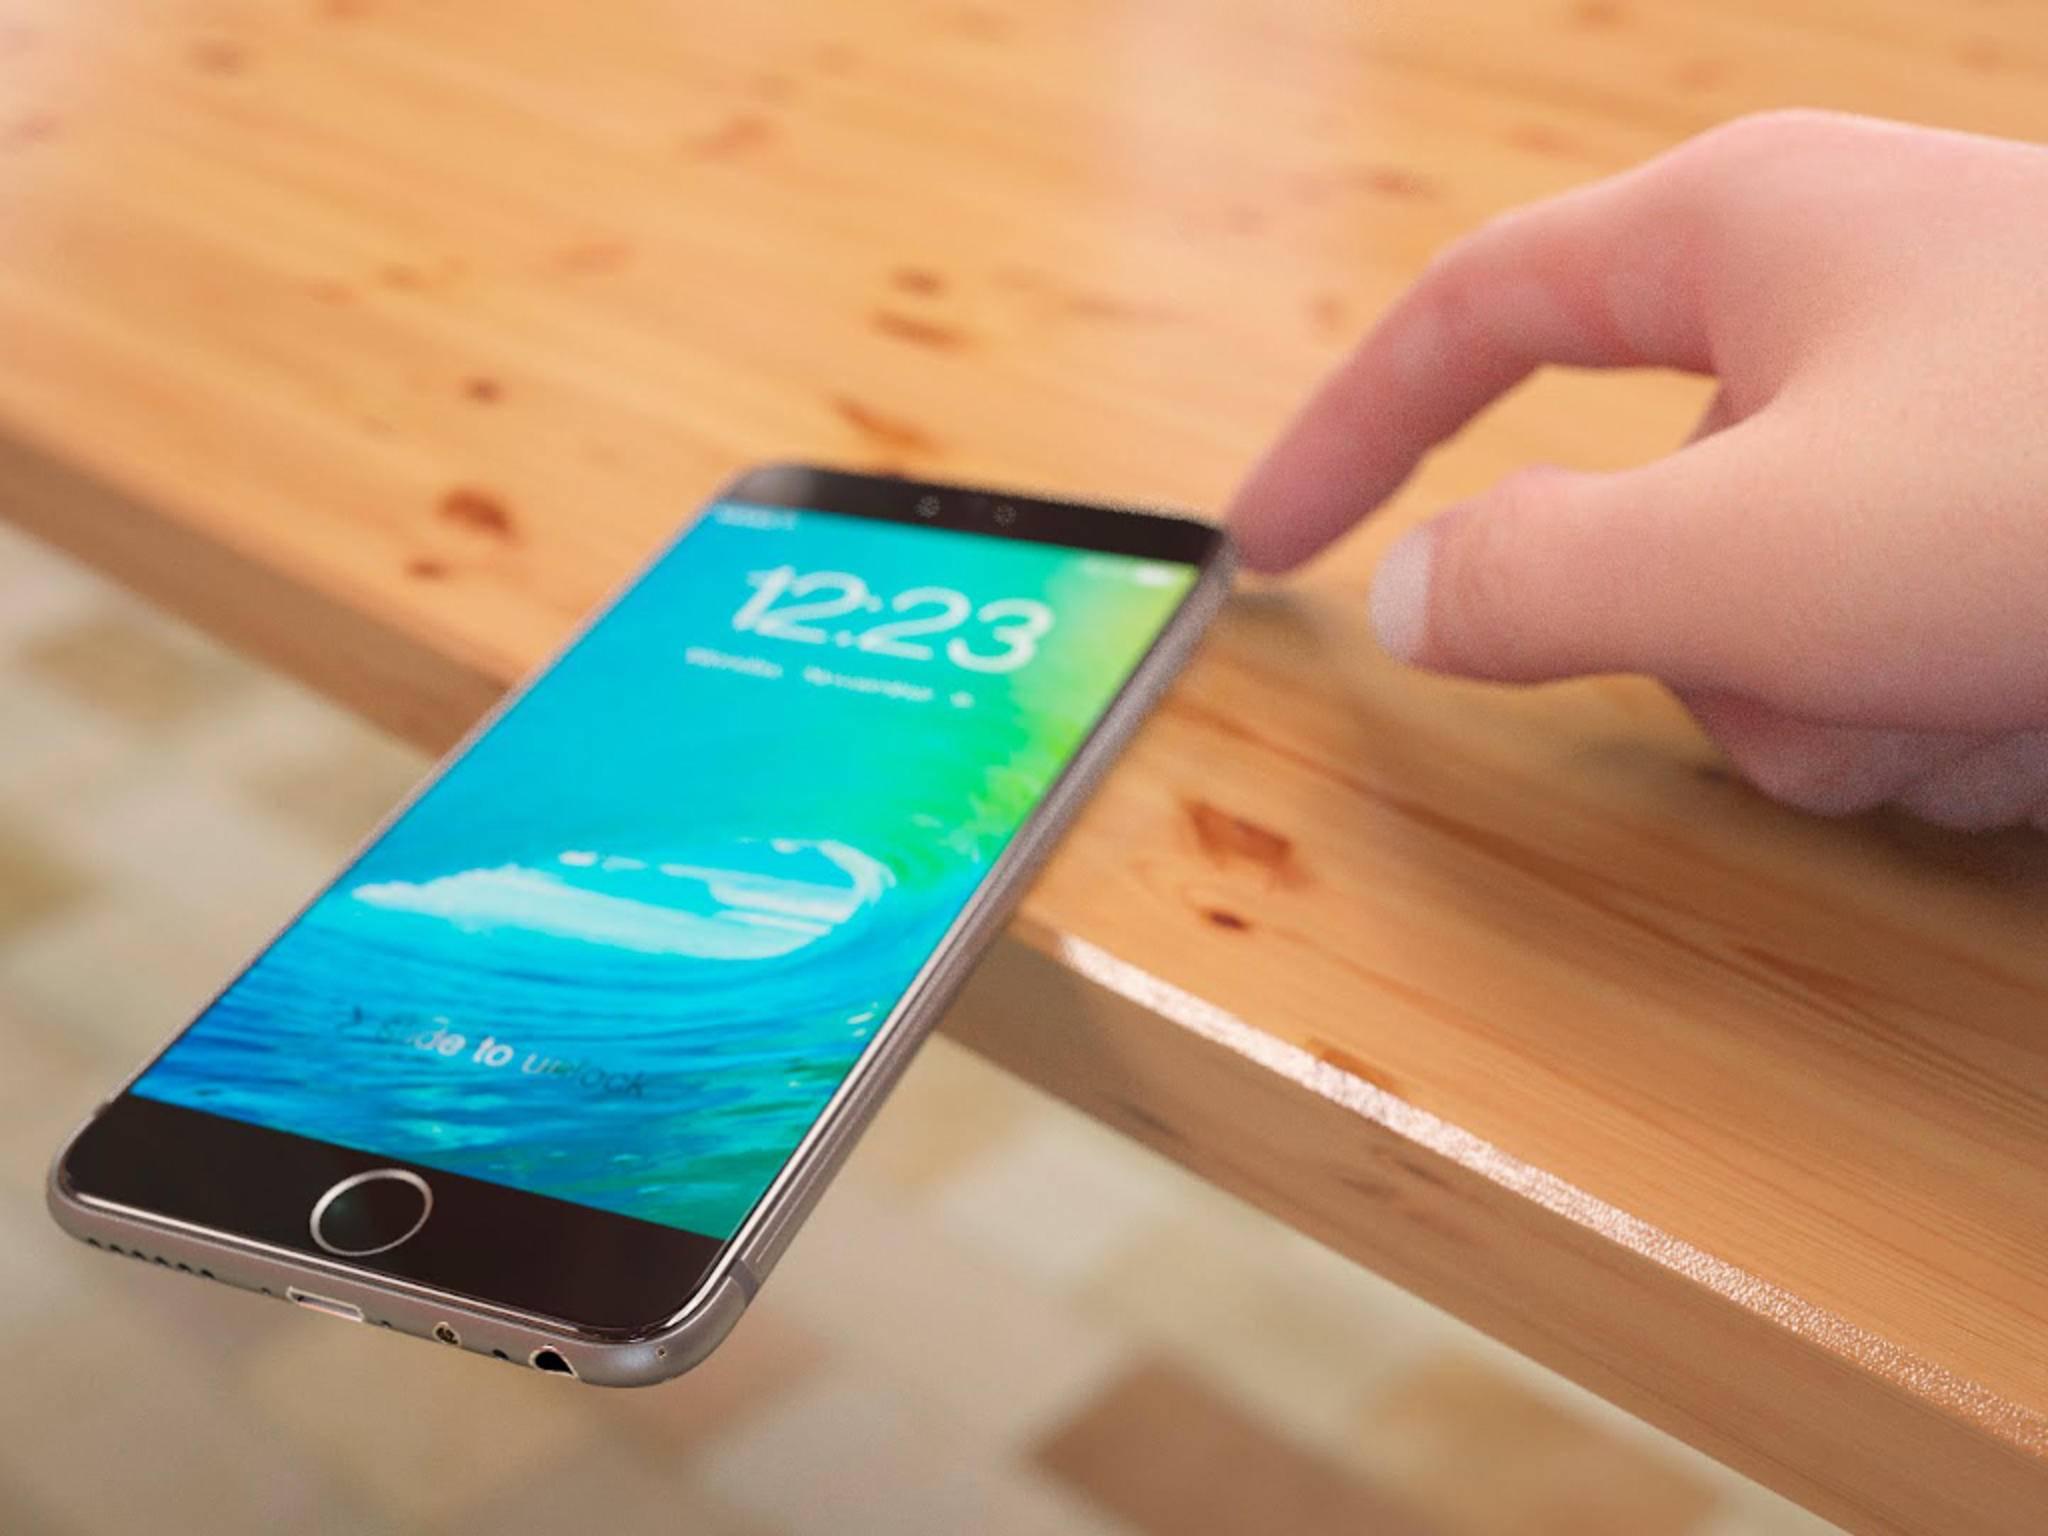 iPhone 7: Lässt sich das Display mit nassen Fingern bedienen?